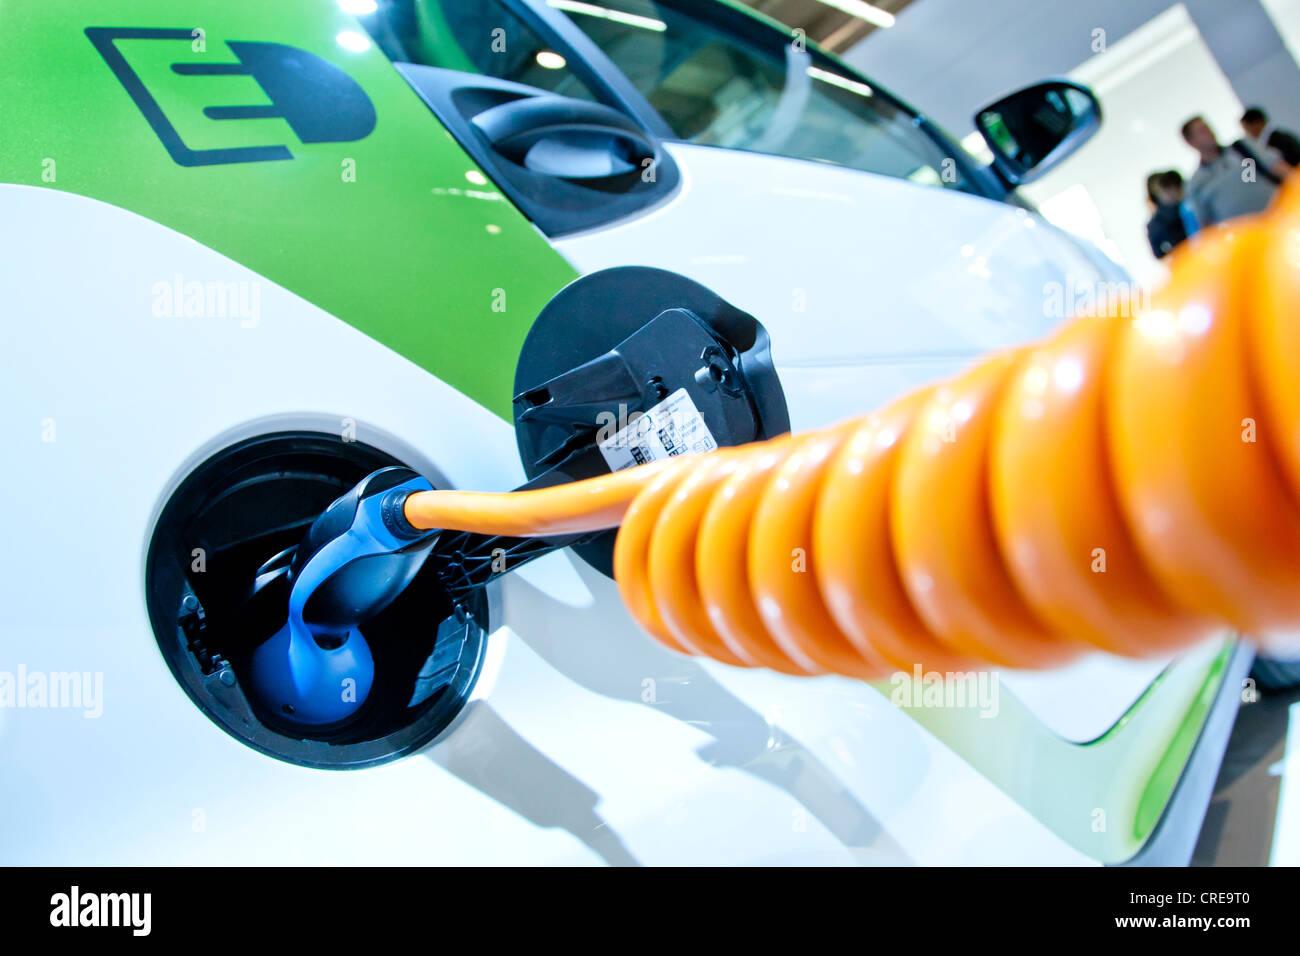 Le chargement avec un câble de chargement, sur une voiture électrique, E-Smart electric drive par Smart, Photo Stock